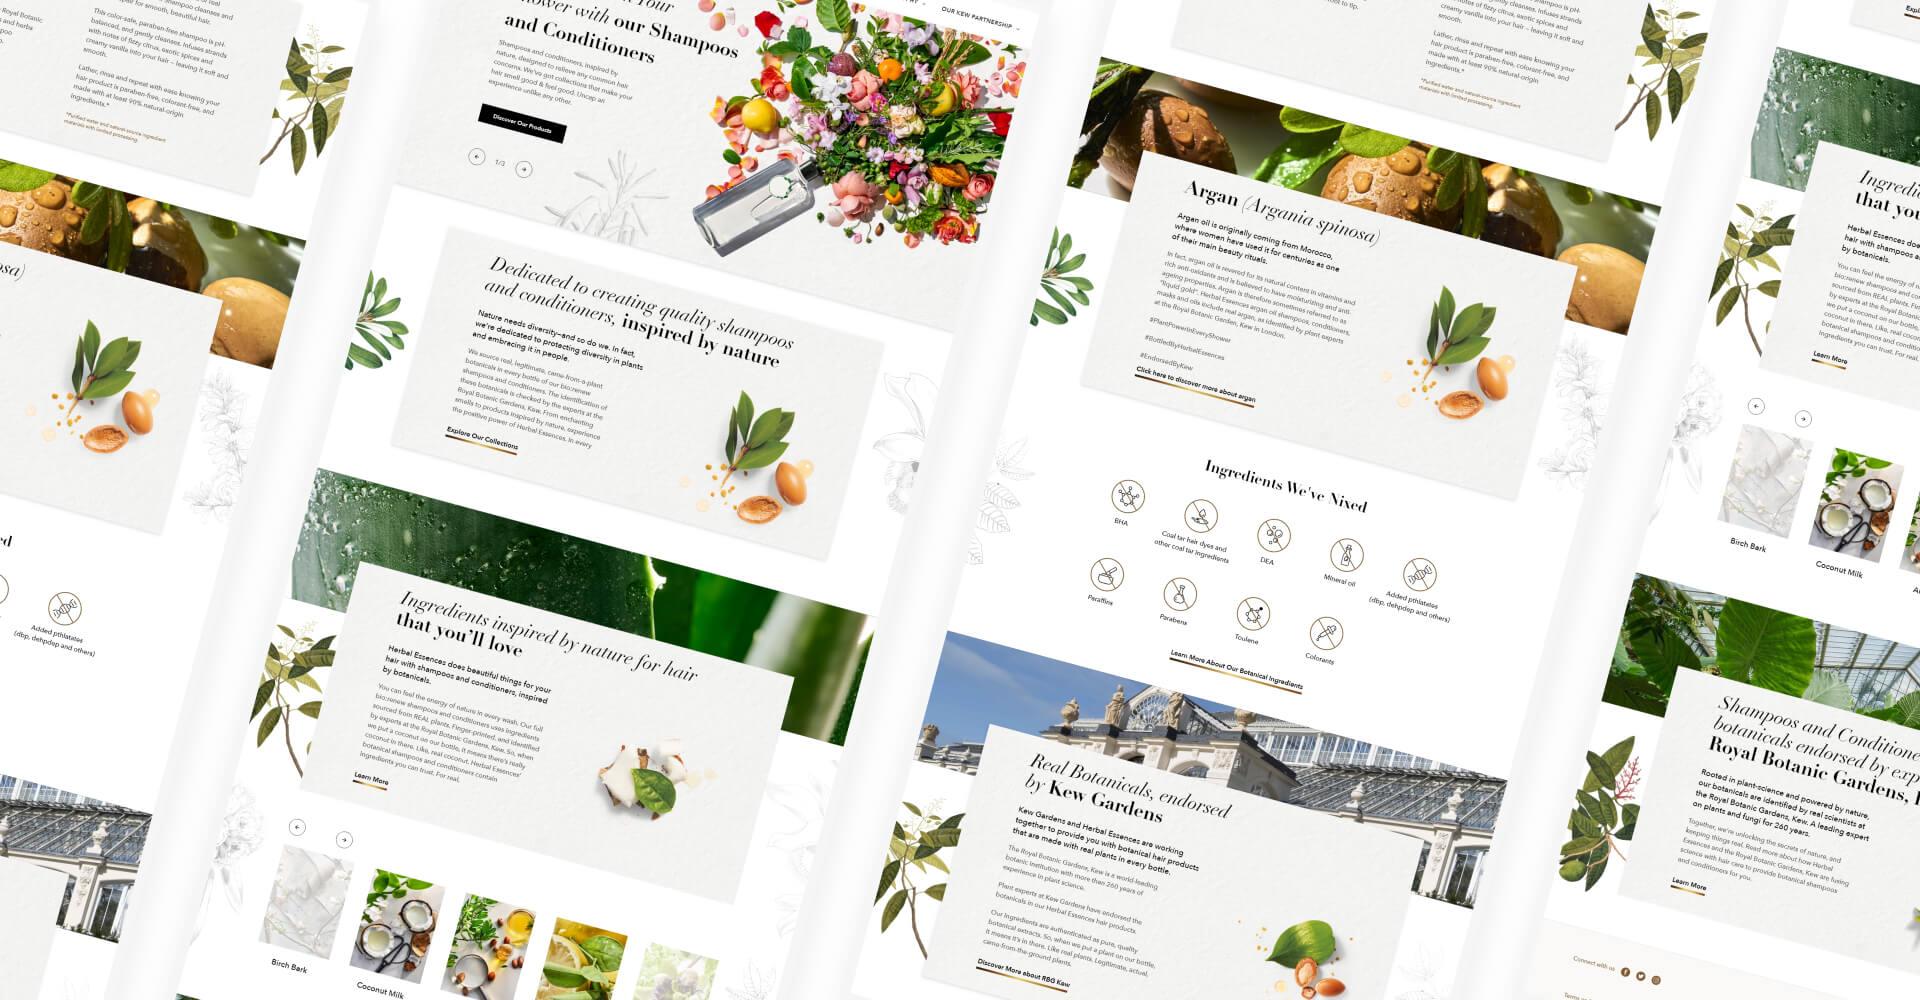 website design full